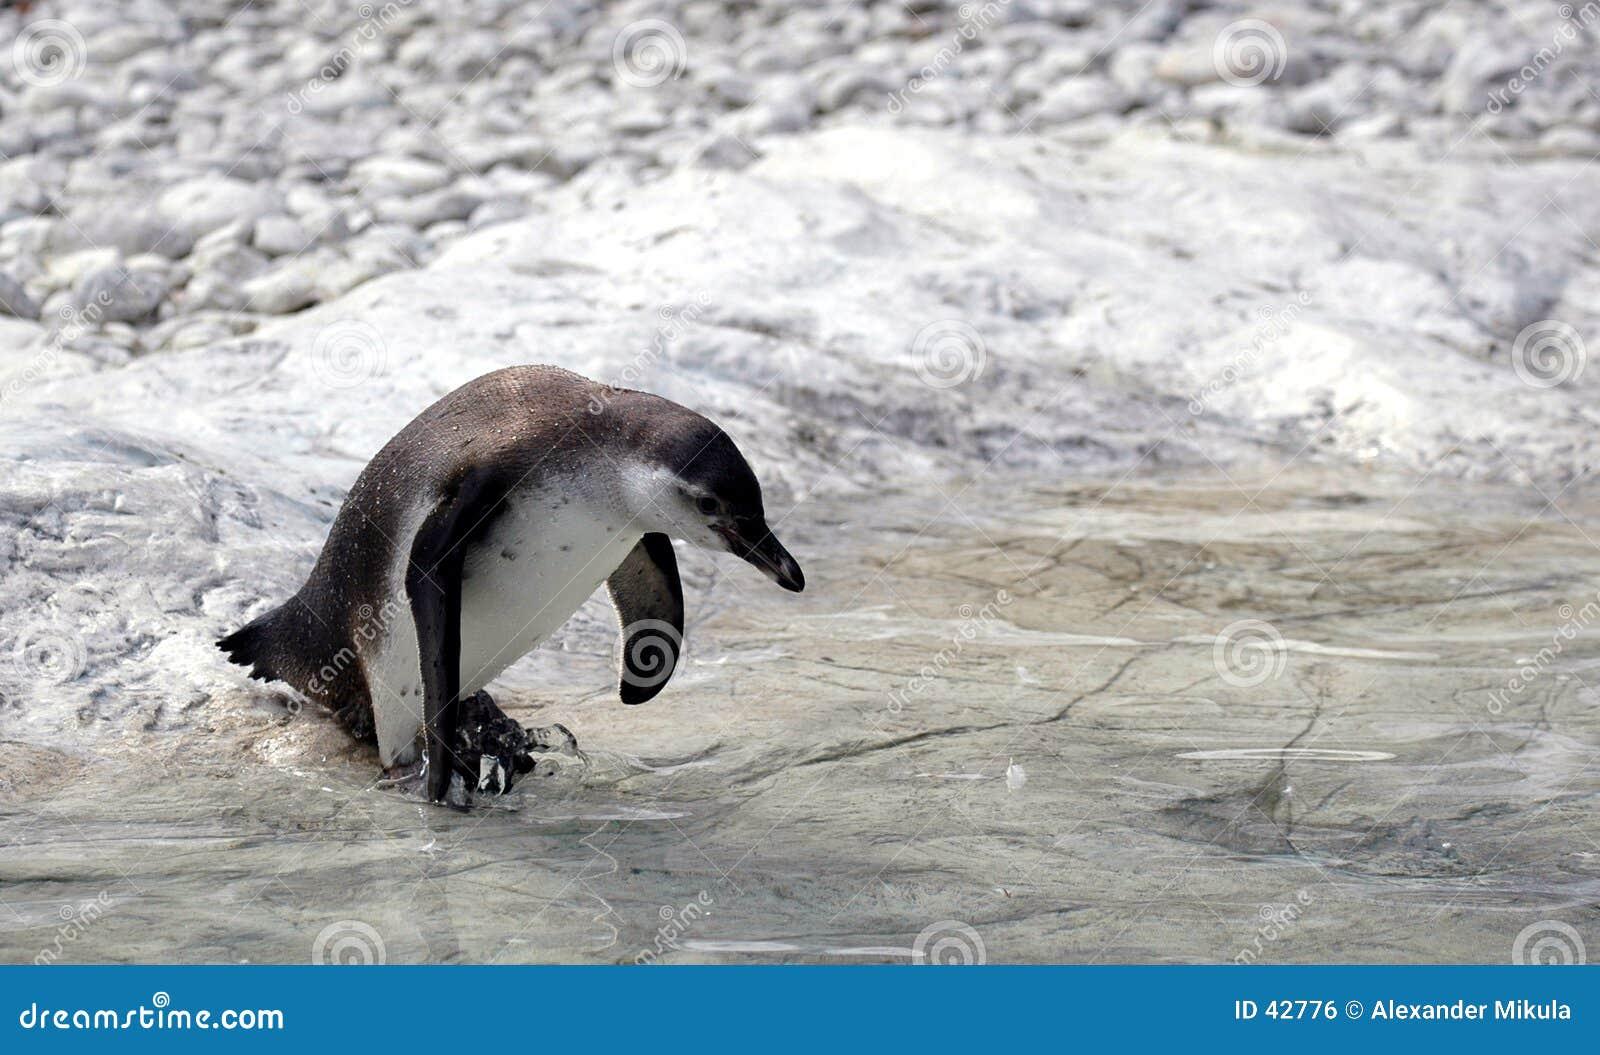 Penguin going for a swim